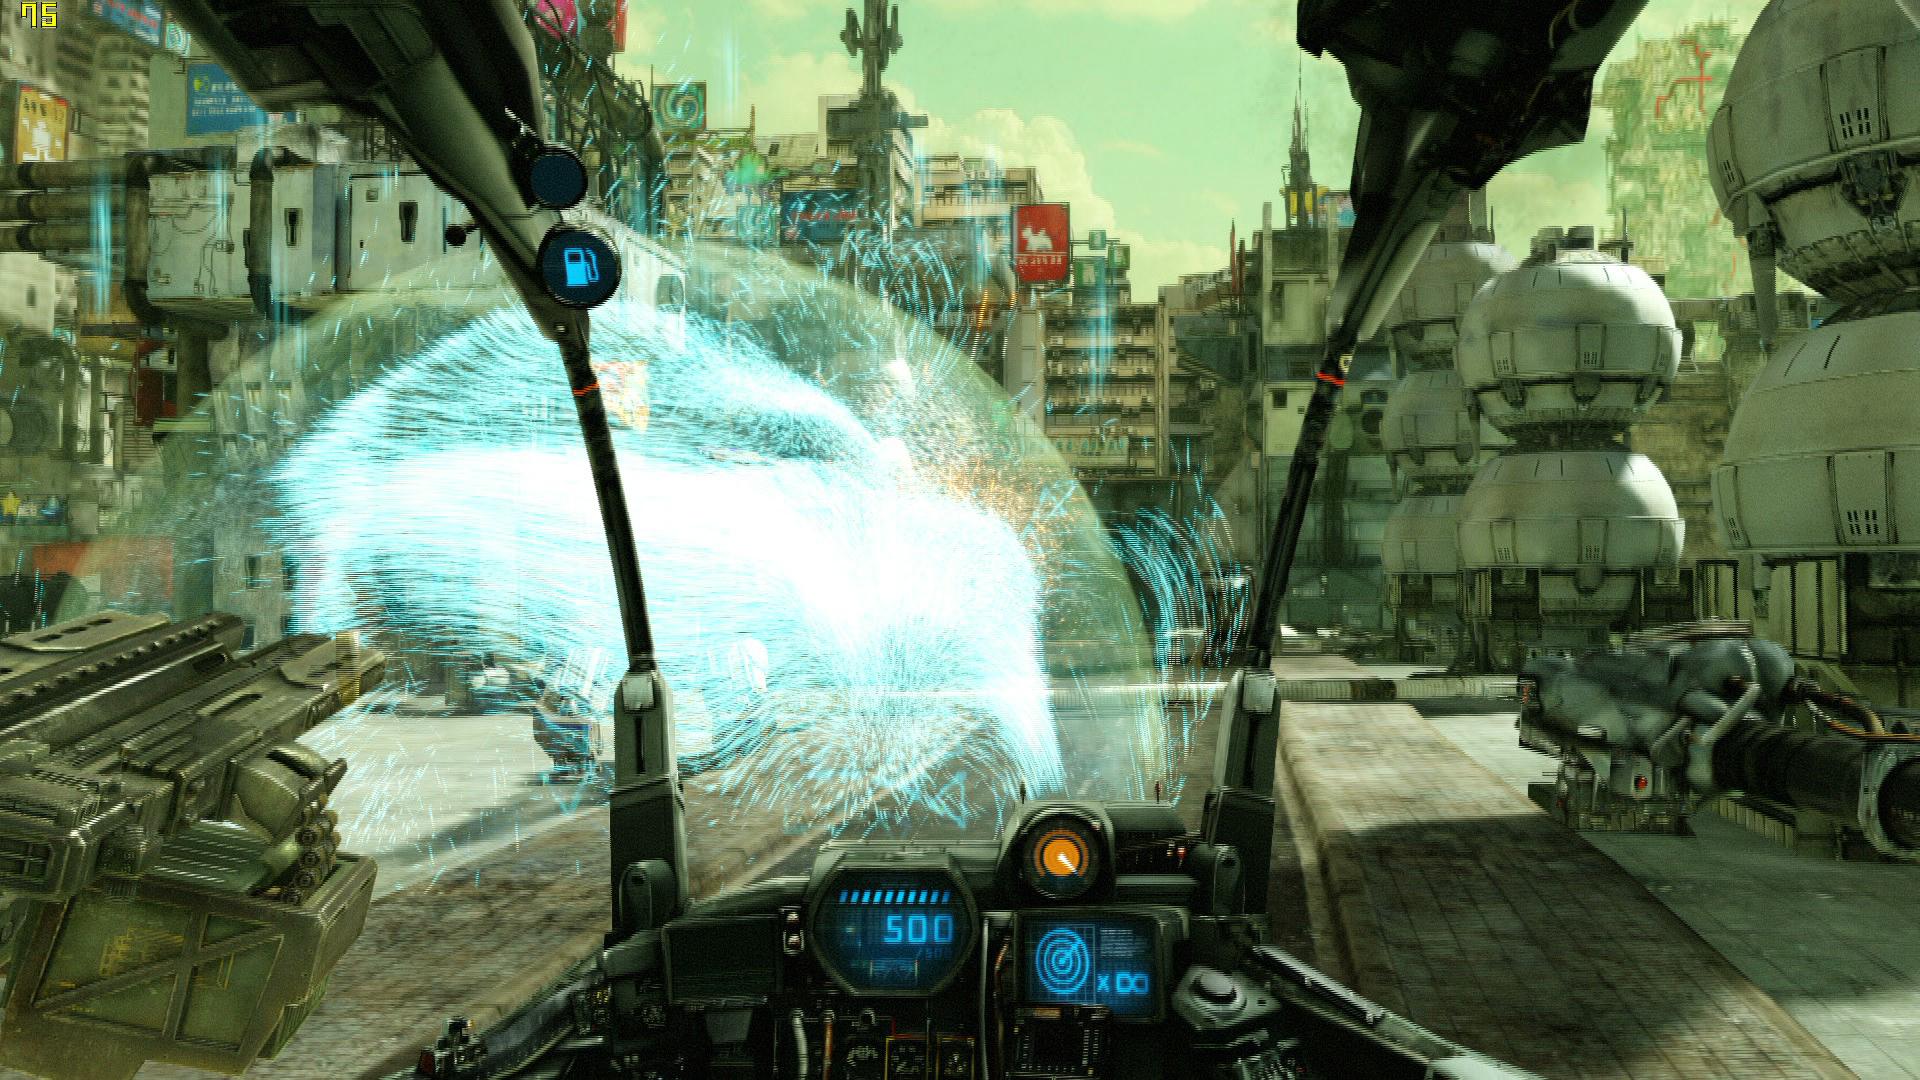 Обзор игры на PlayStation 4 Hawken. Обзор геймплея, тимплея, графики